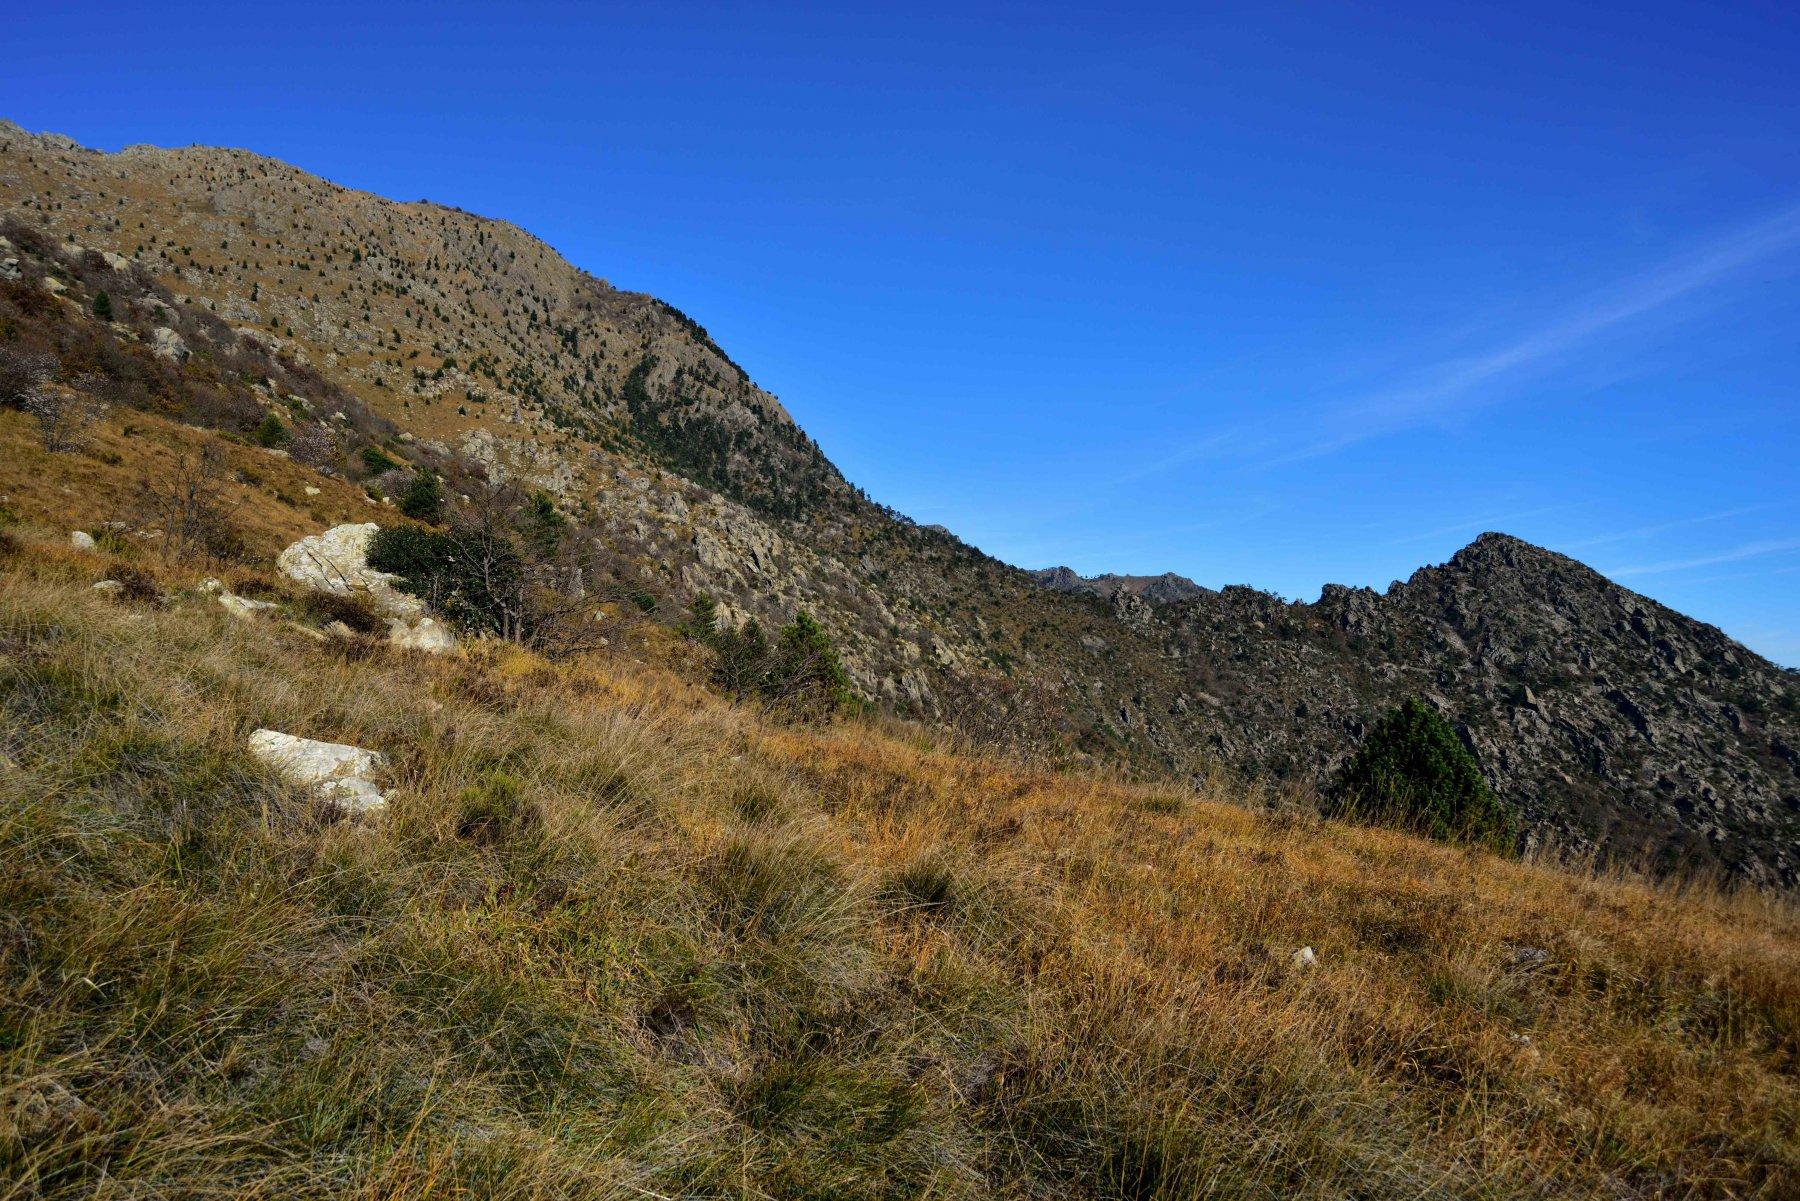 Rama (Monte) da Sciarborasca, Sentiero Direttissima 2015-11-08